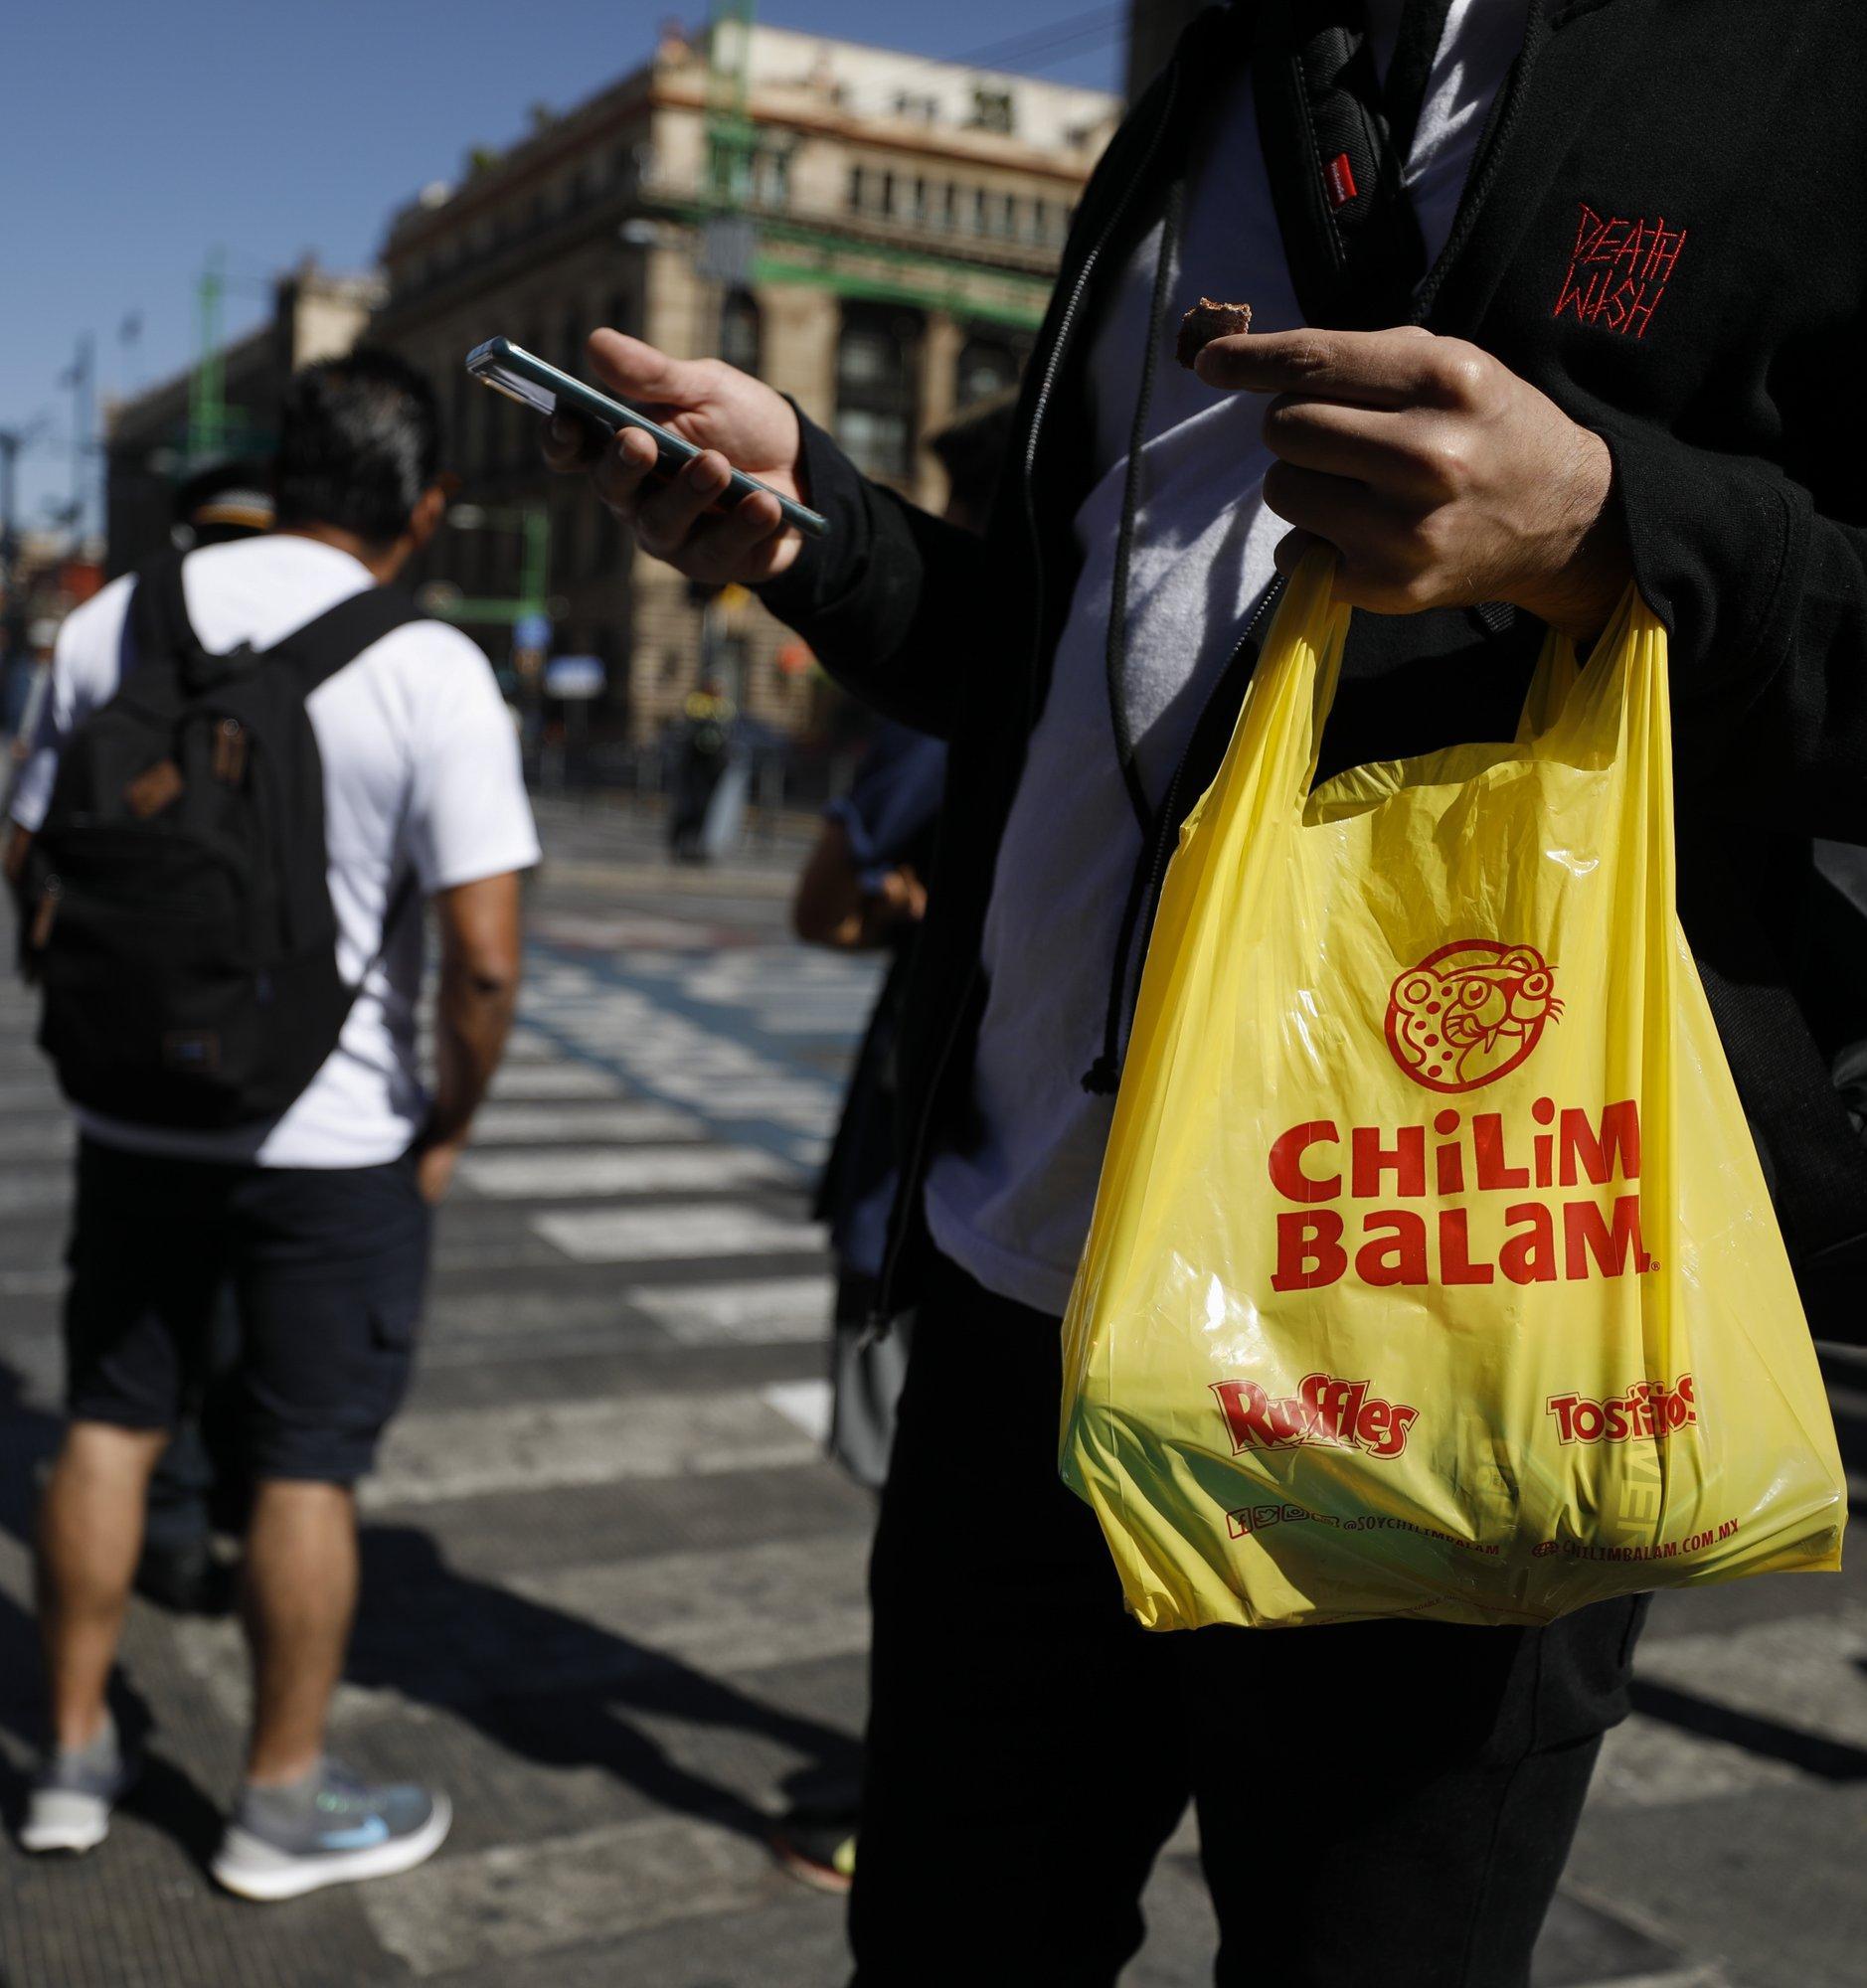 В Мехико вступил в силу запрет одноразовых полиэтиленовых пакетов